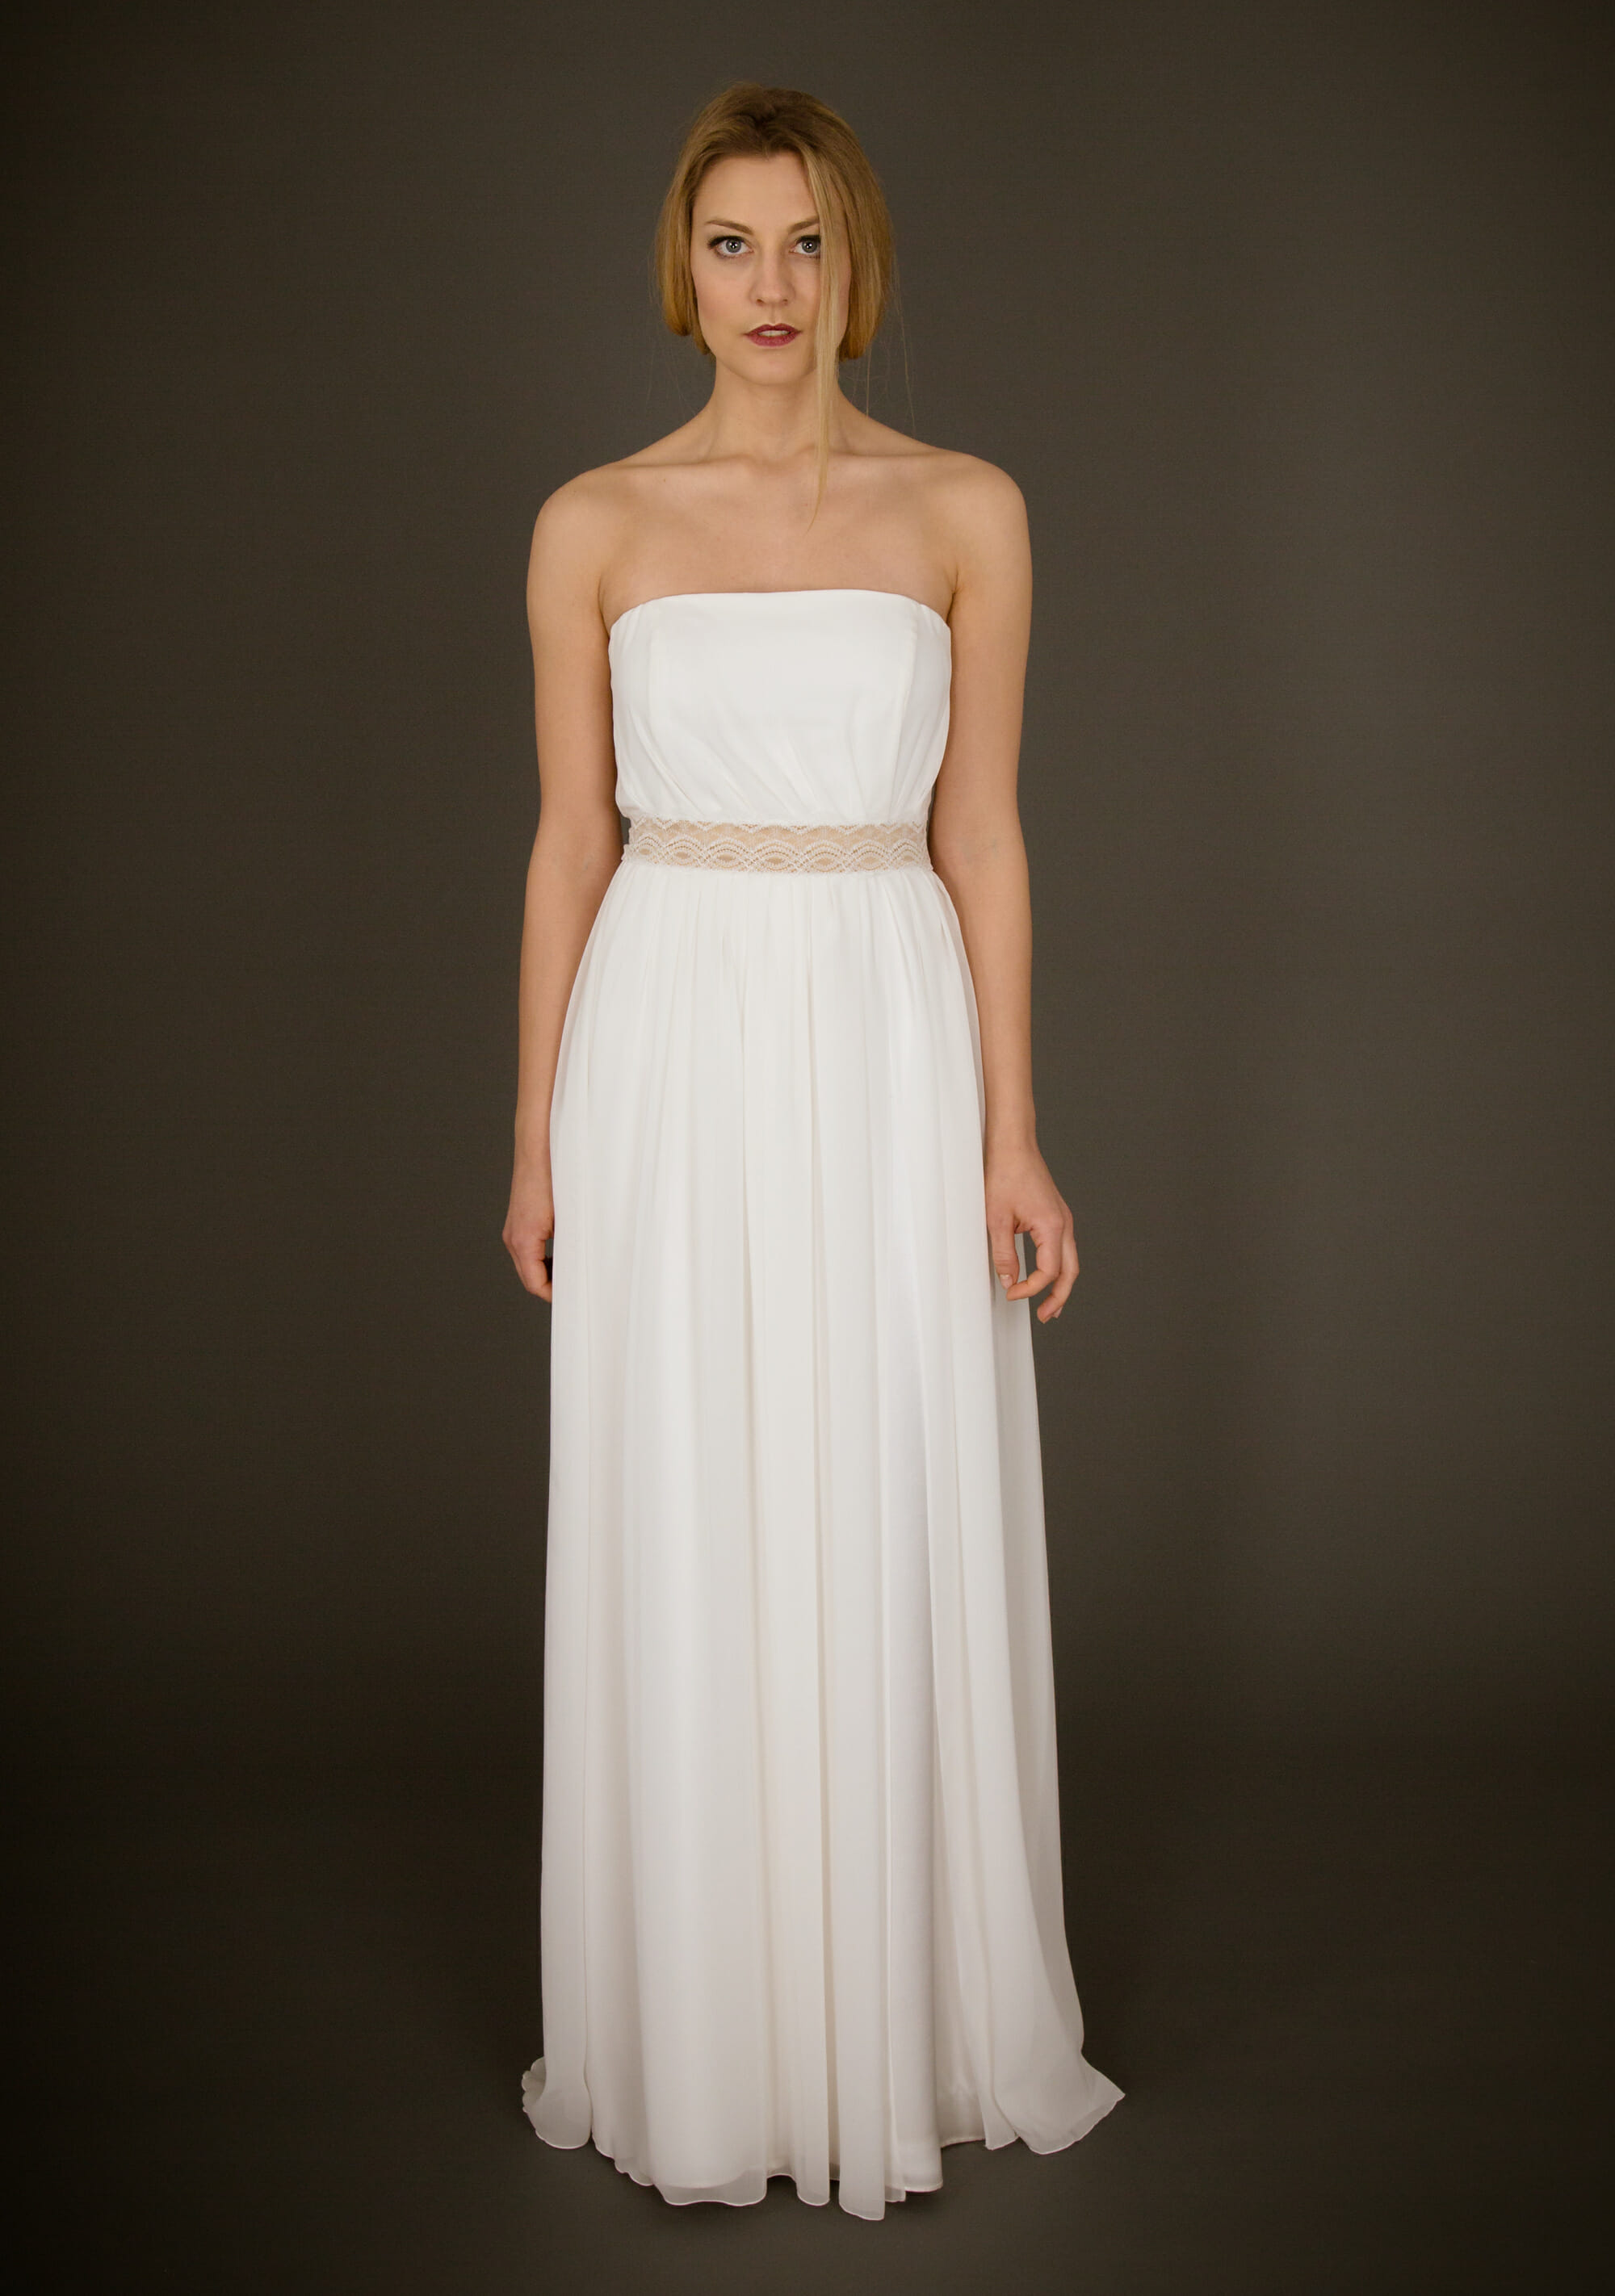 Brautkleid von ANNE WOLF. Modell Karina.